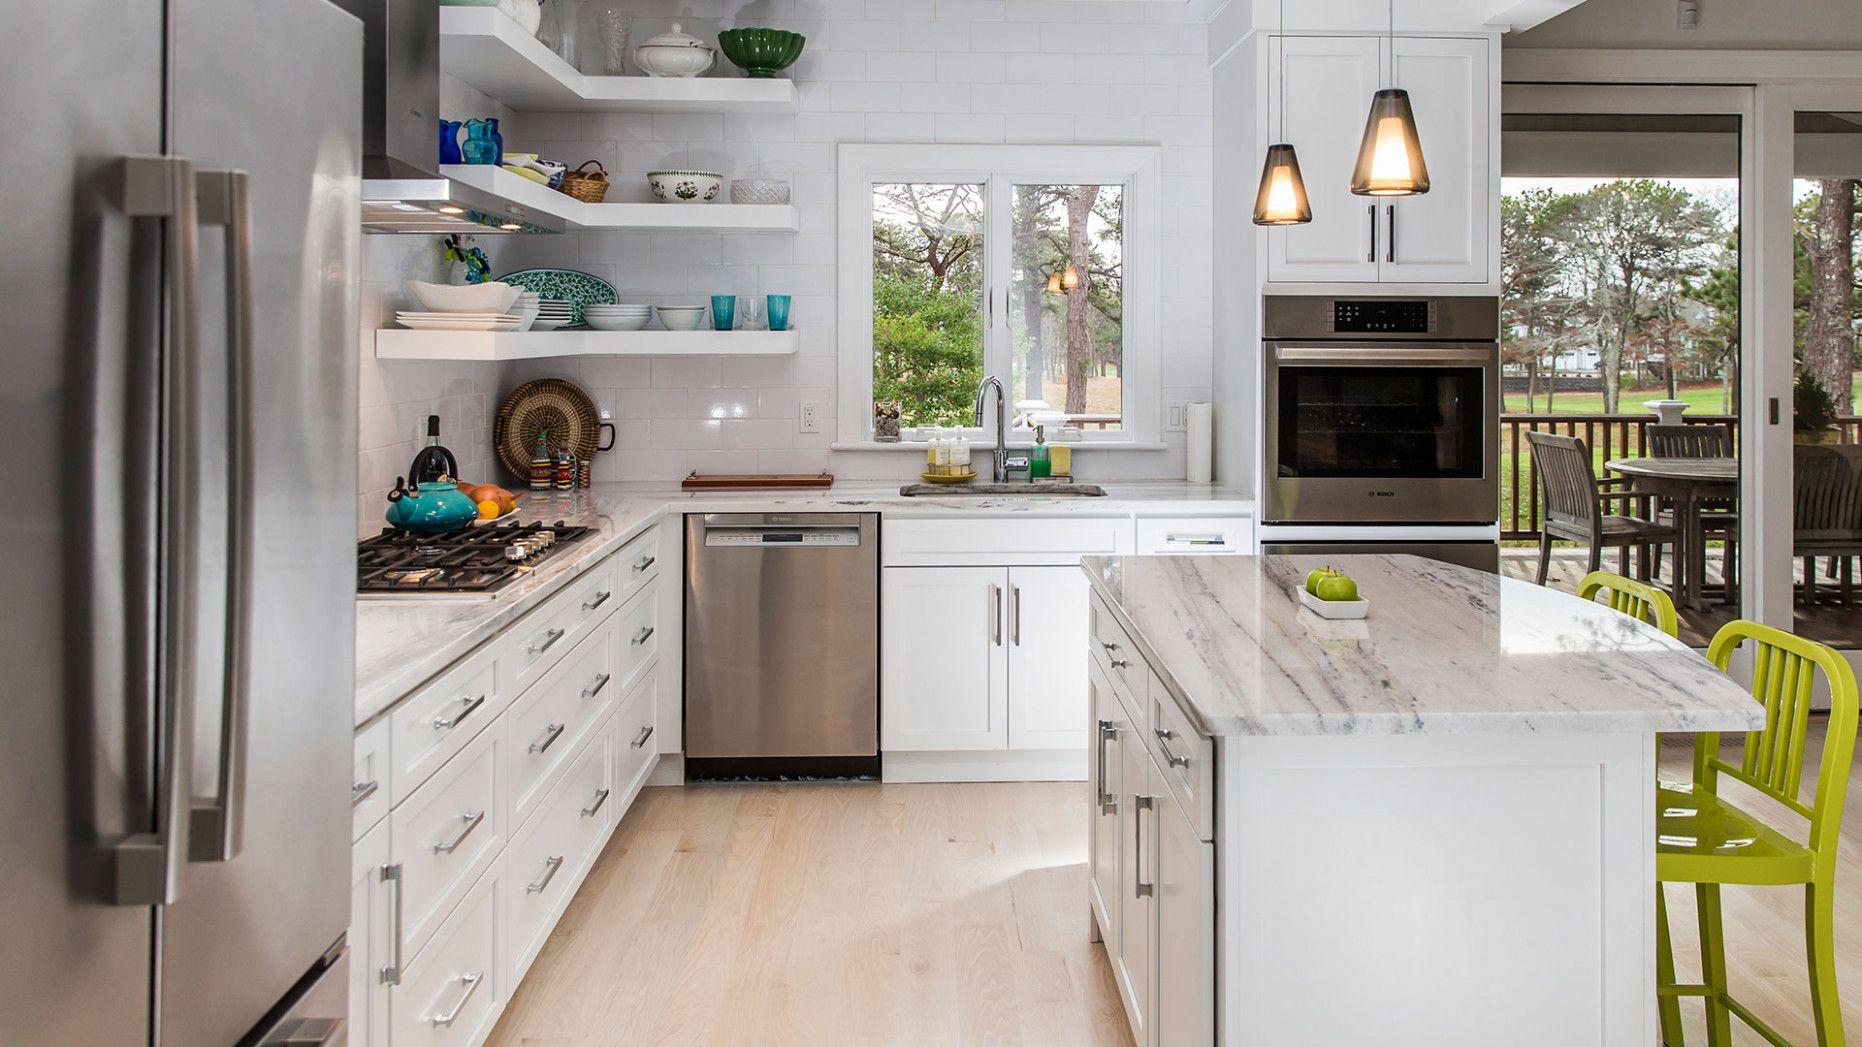 12 Ideas Small Cape Cod Kitchen Design di 2020